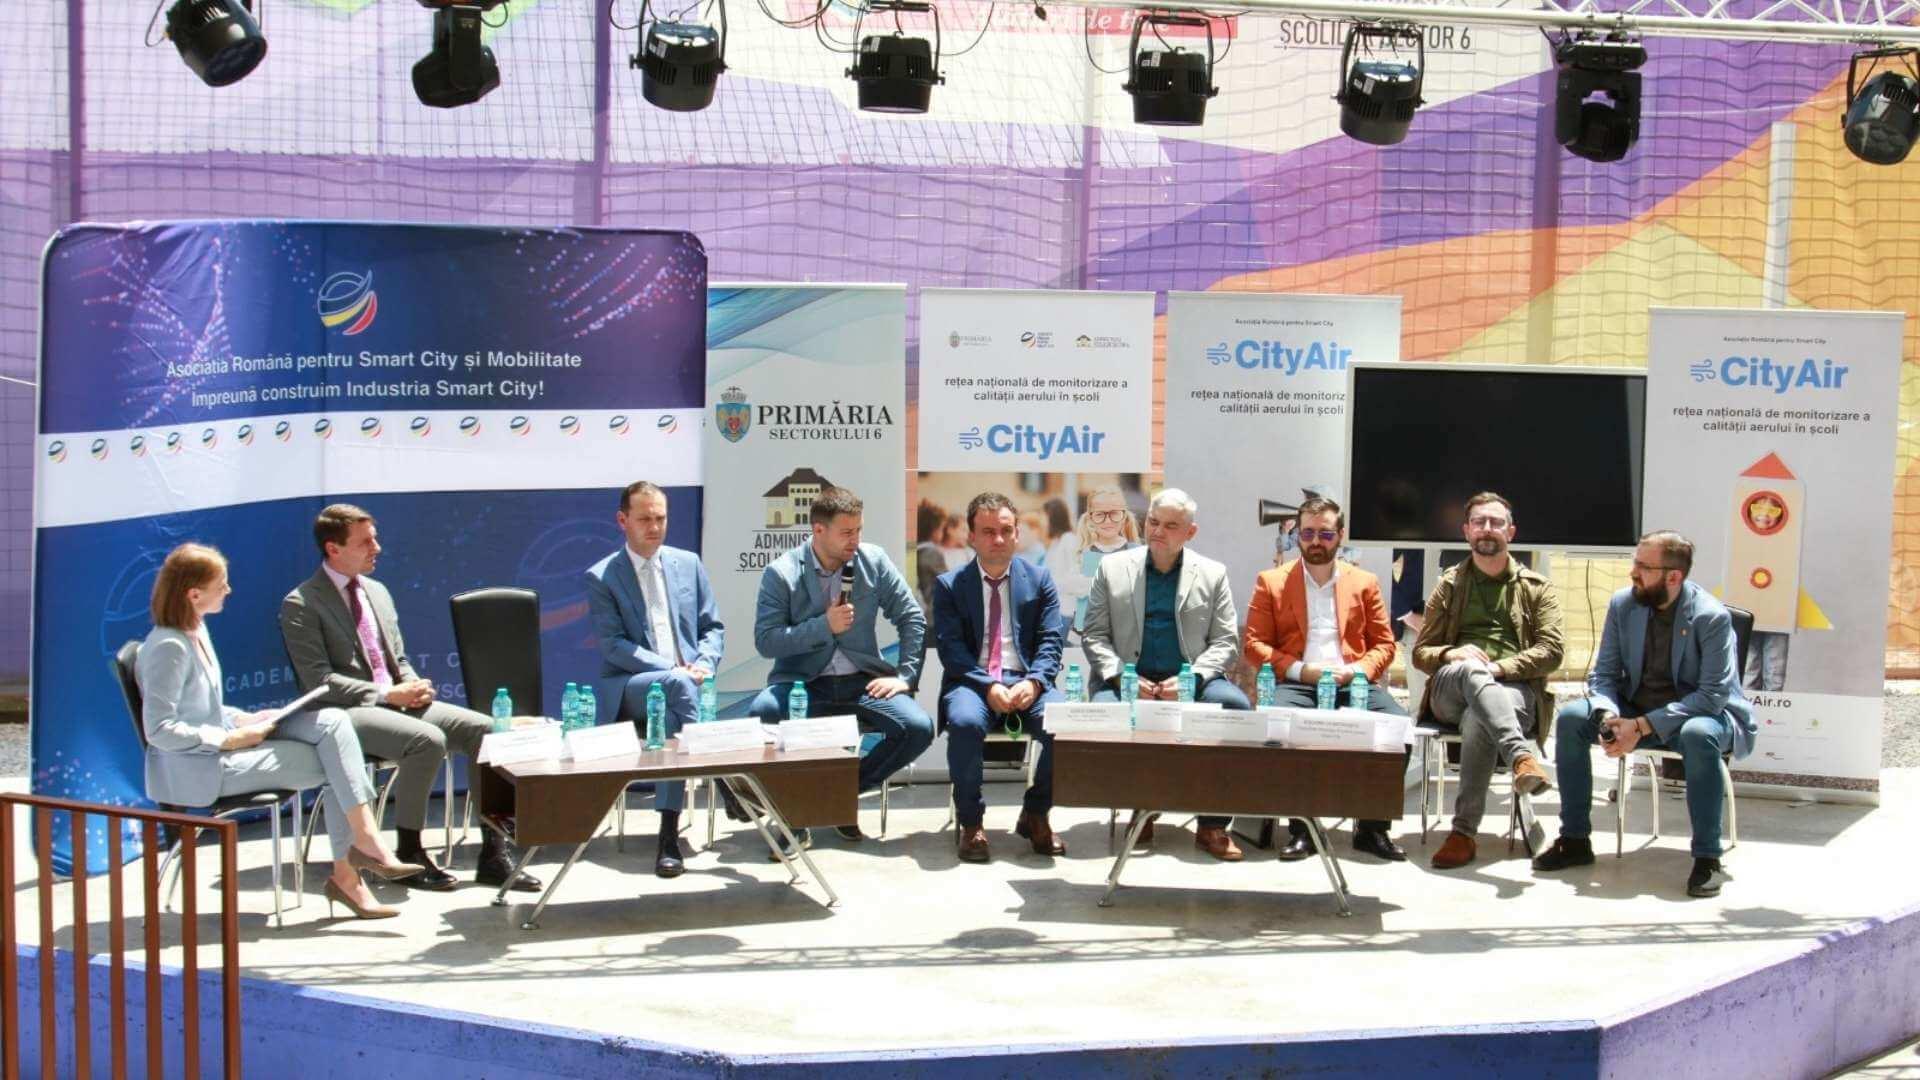 Nature Talks, partenerul programului City Air, prima platformă națională de monitorizare a poluării din școli